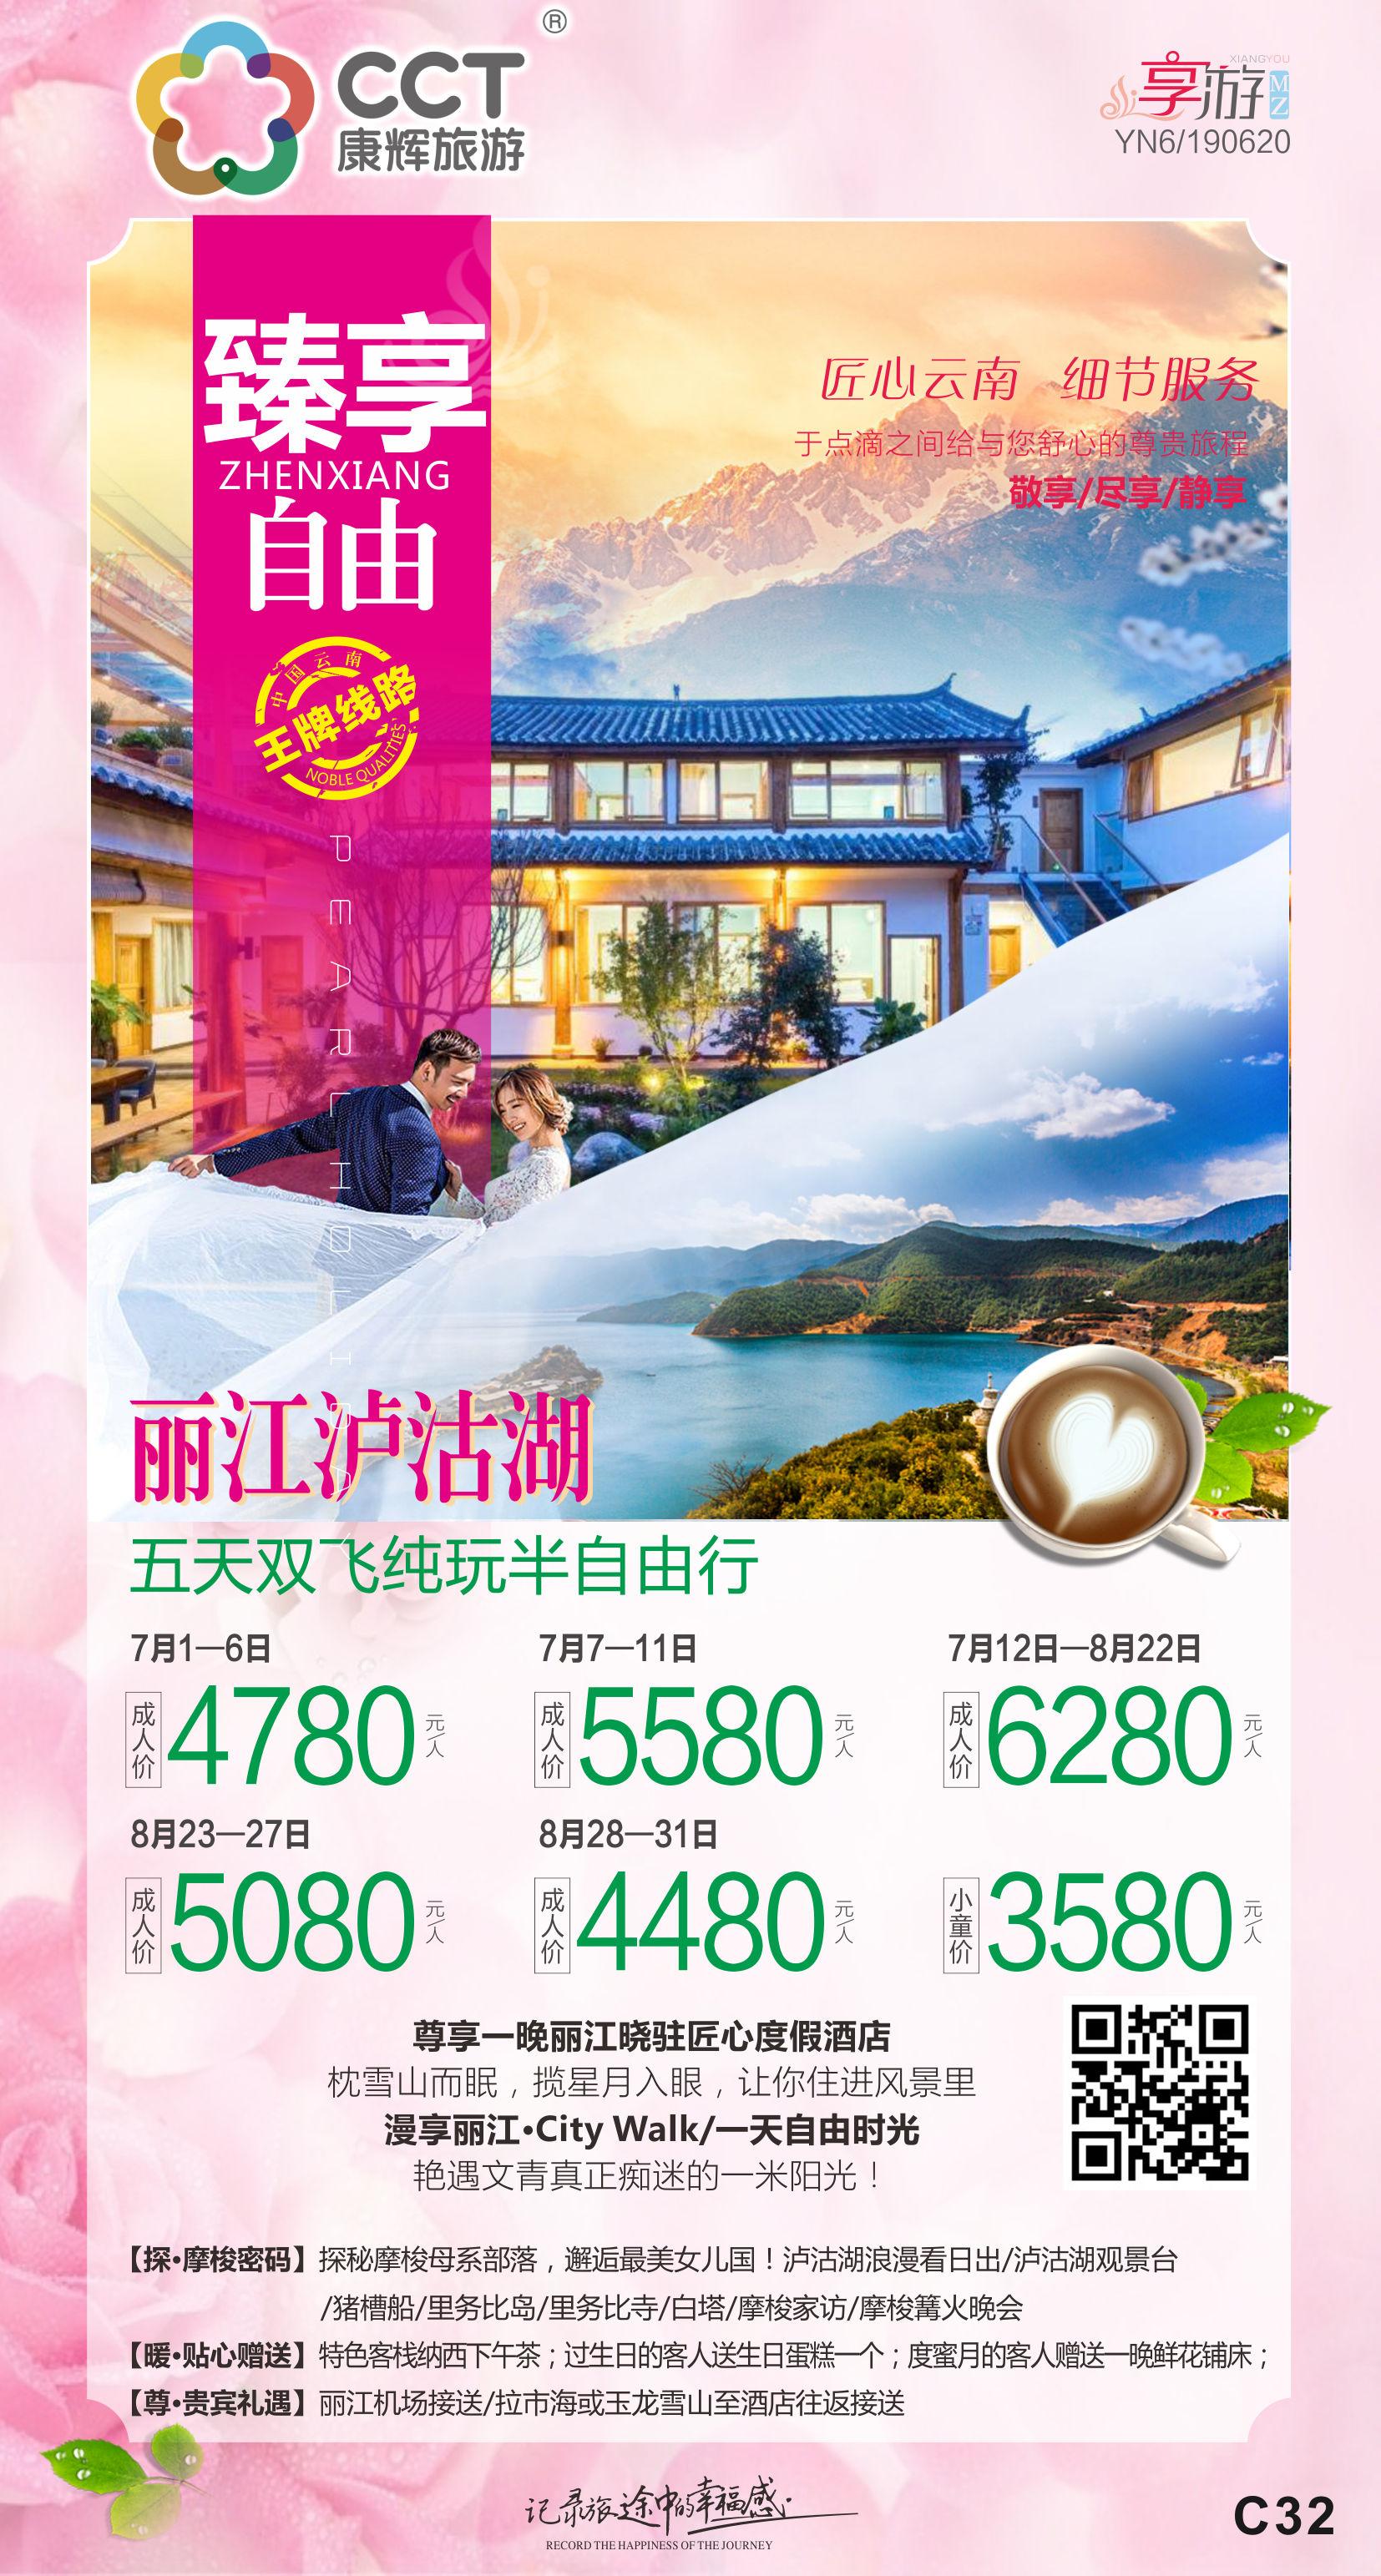 臻享丽江泸沽湖2019年7月康辉.jpg